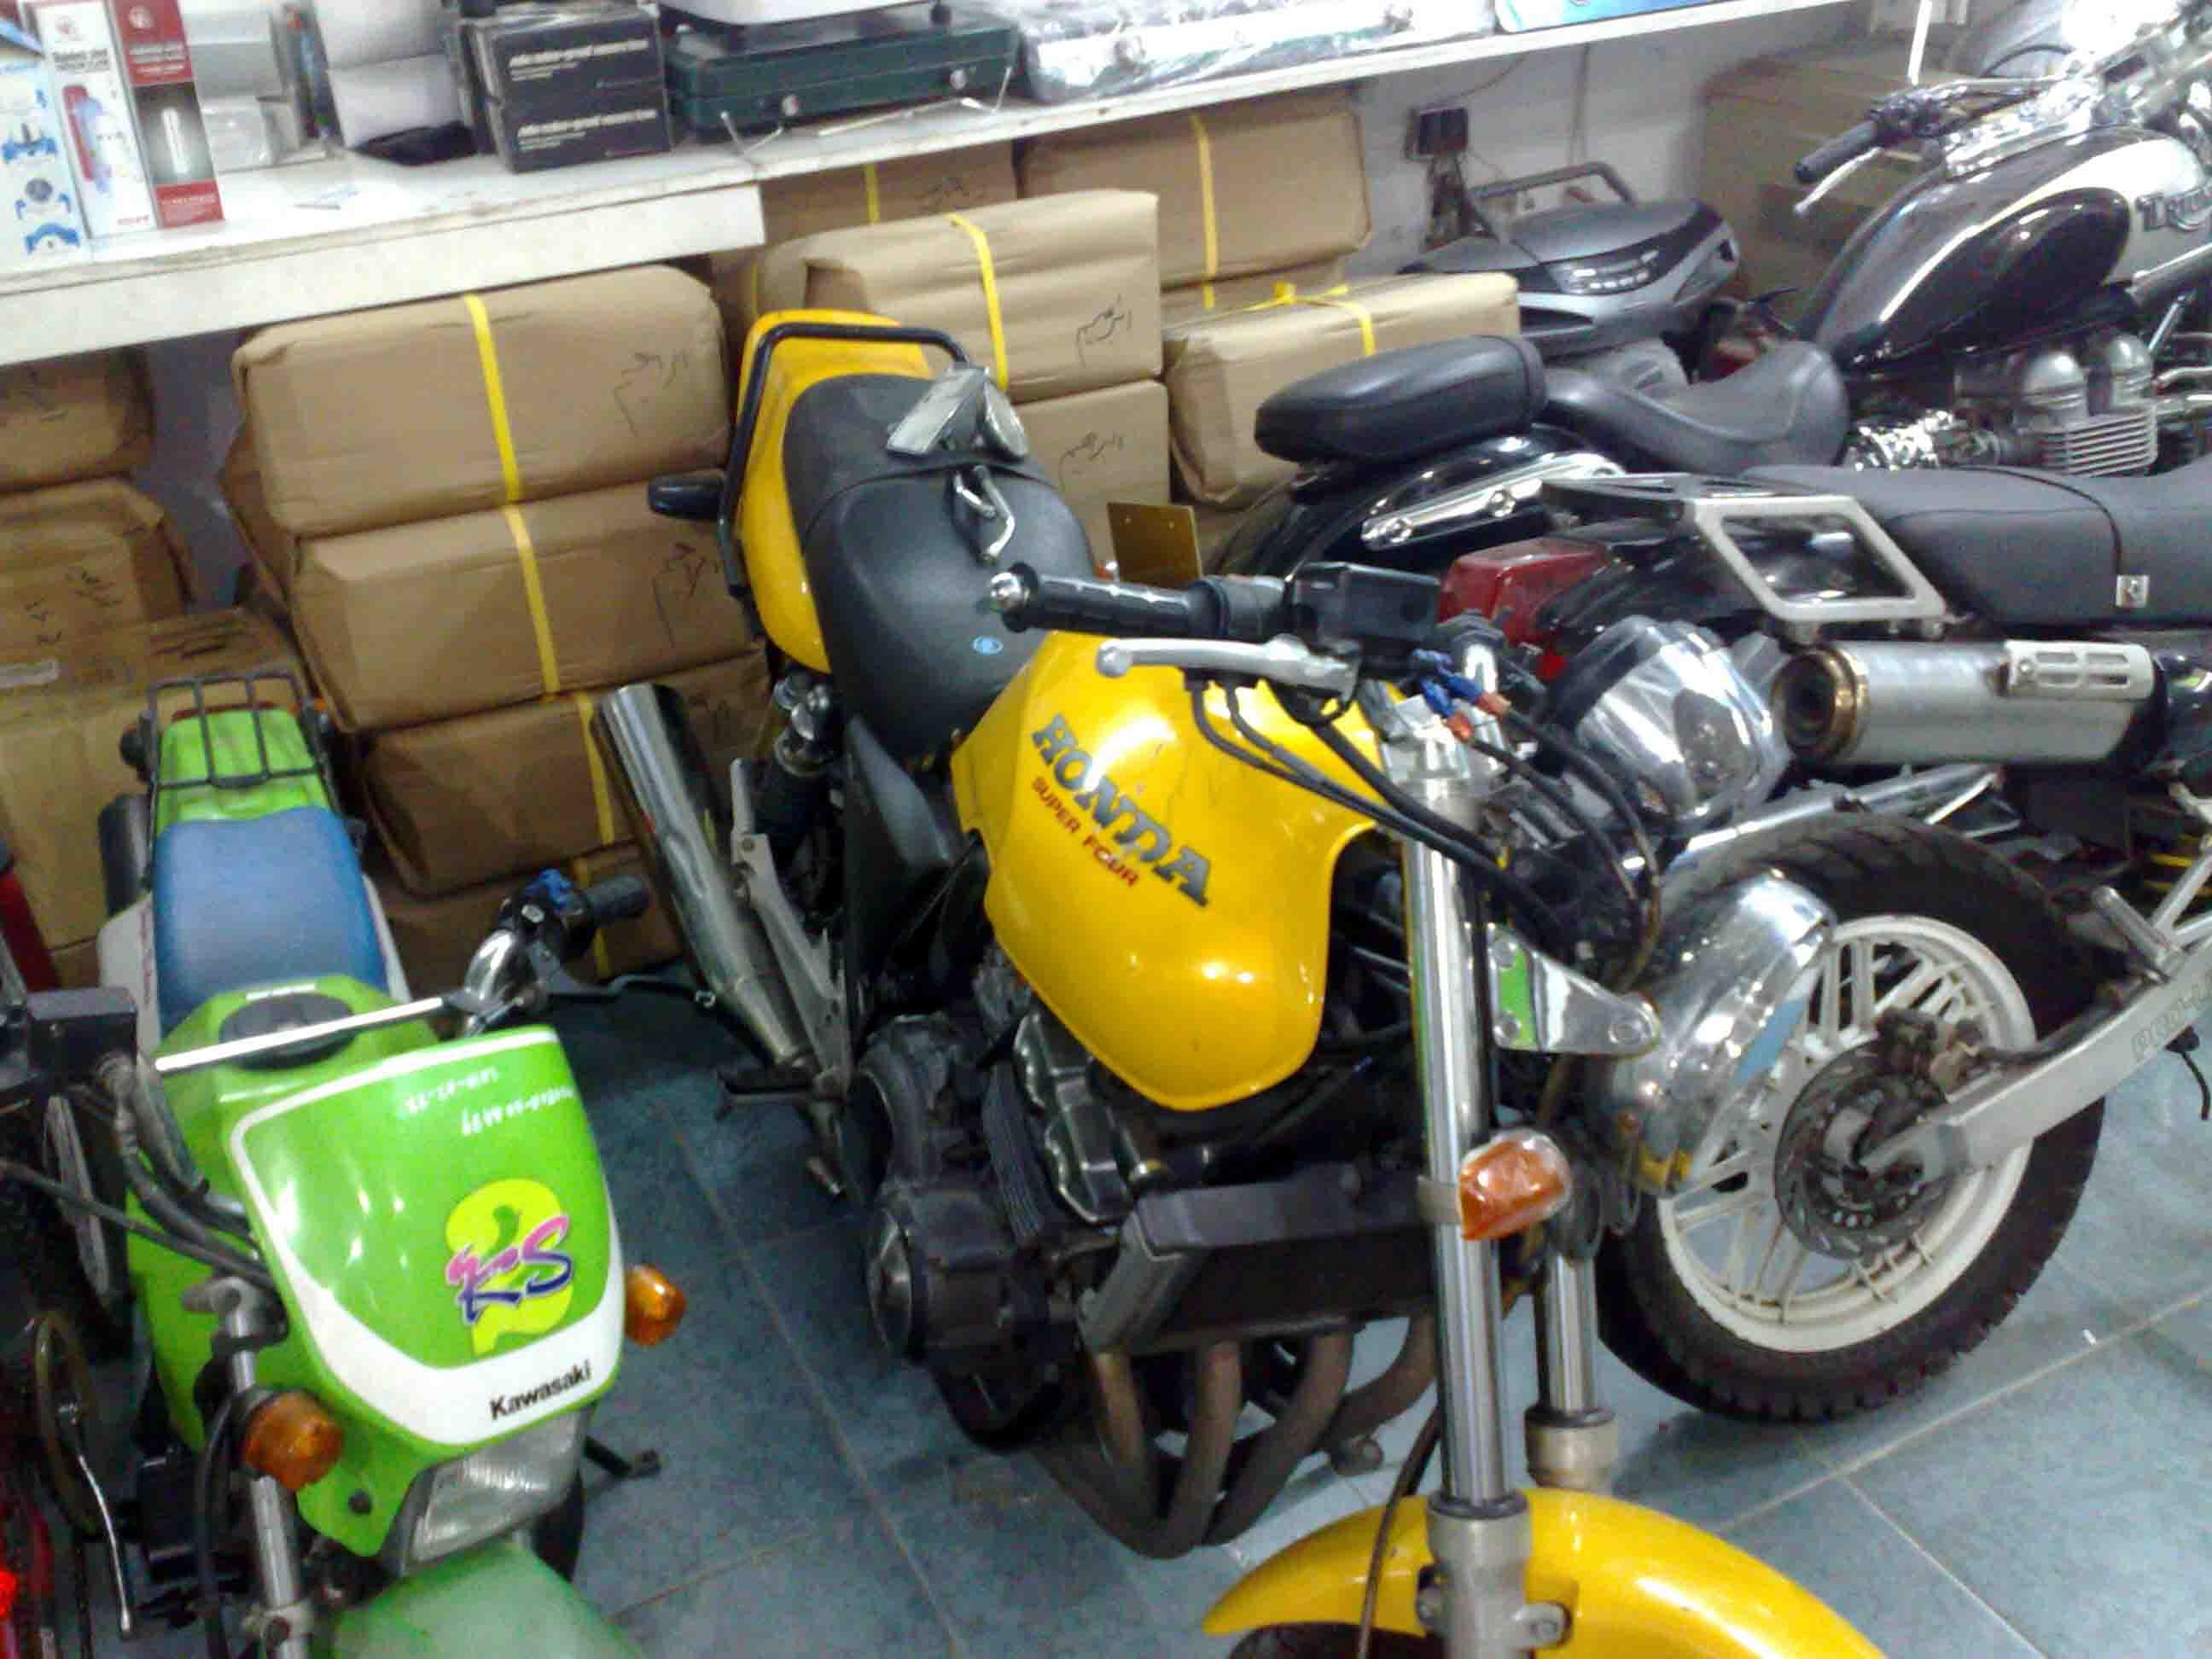 فروشگاه موتور سنگین در امارات متحده عربی (تصاویر)